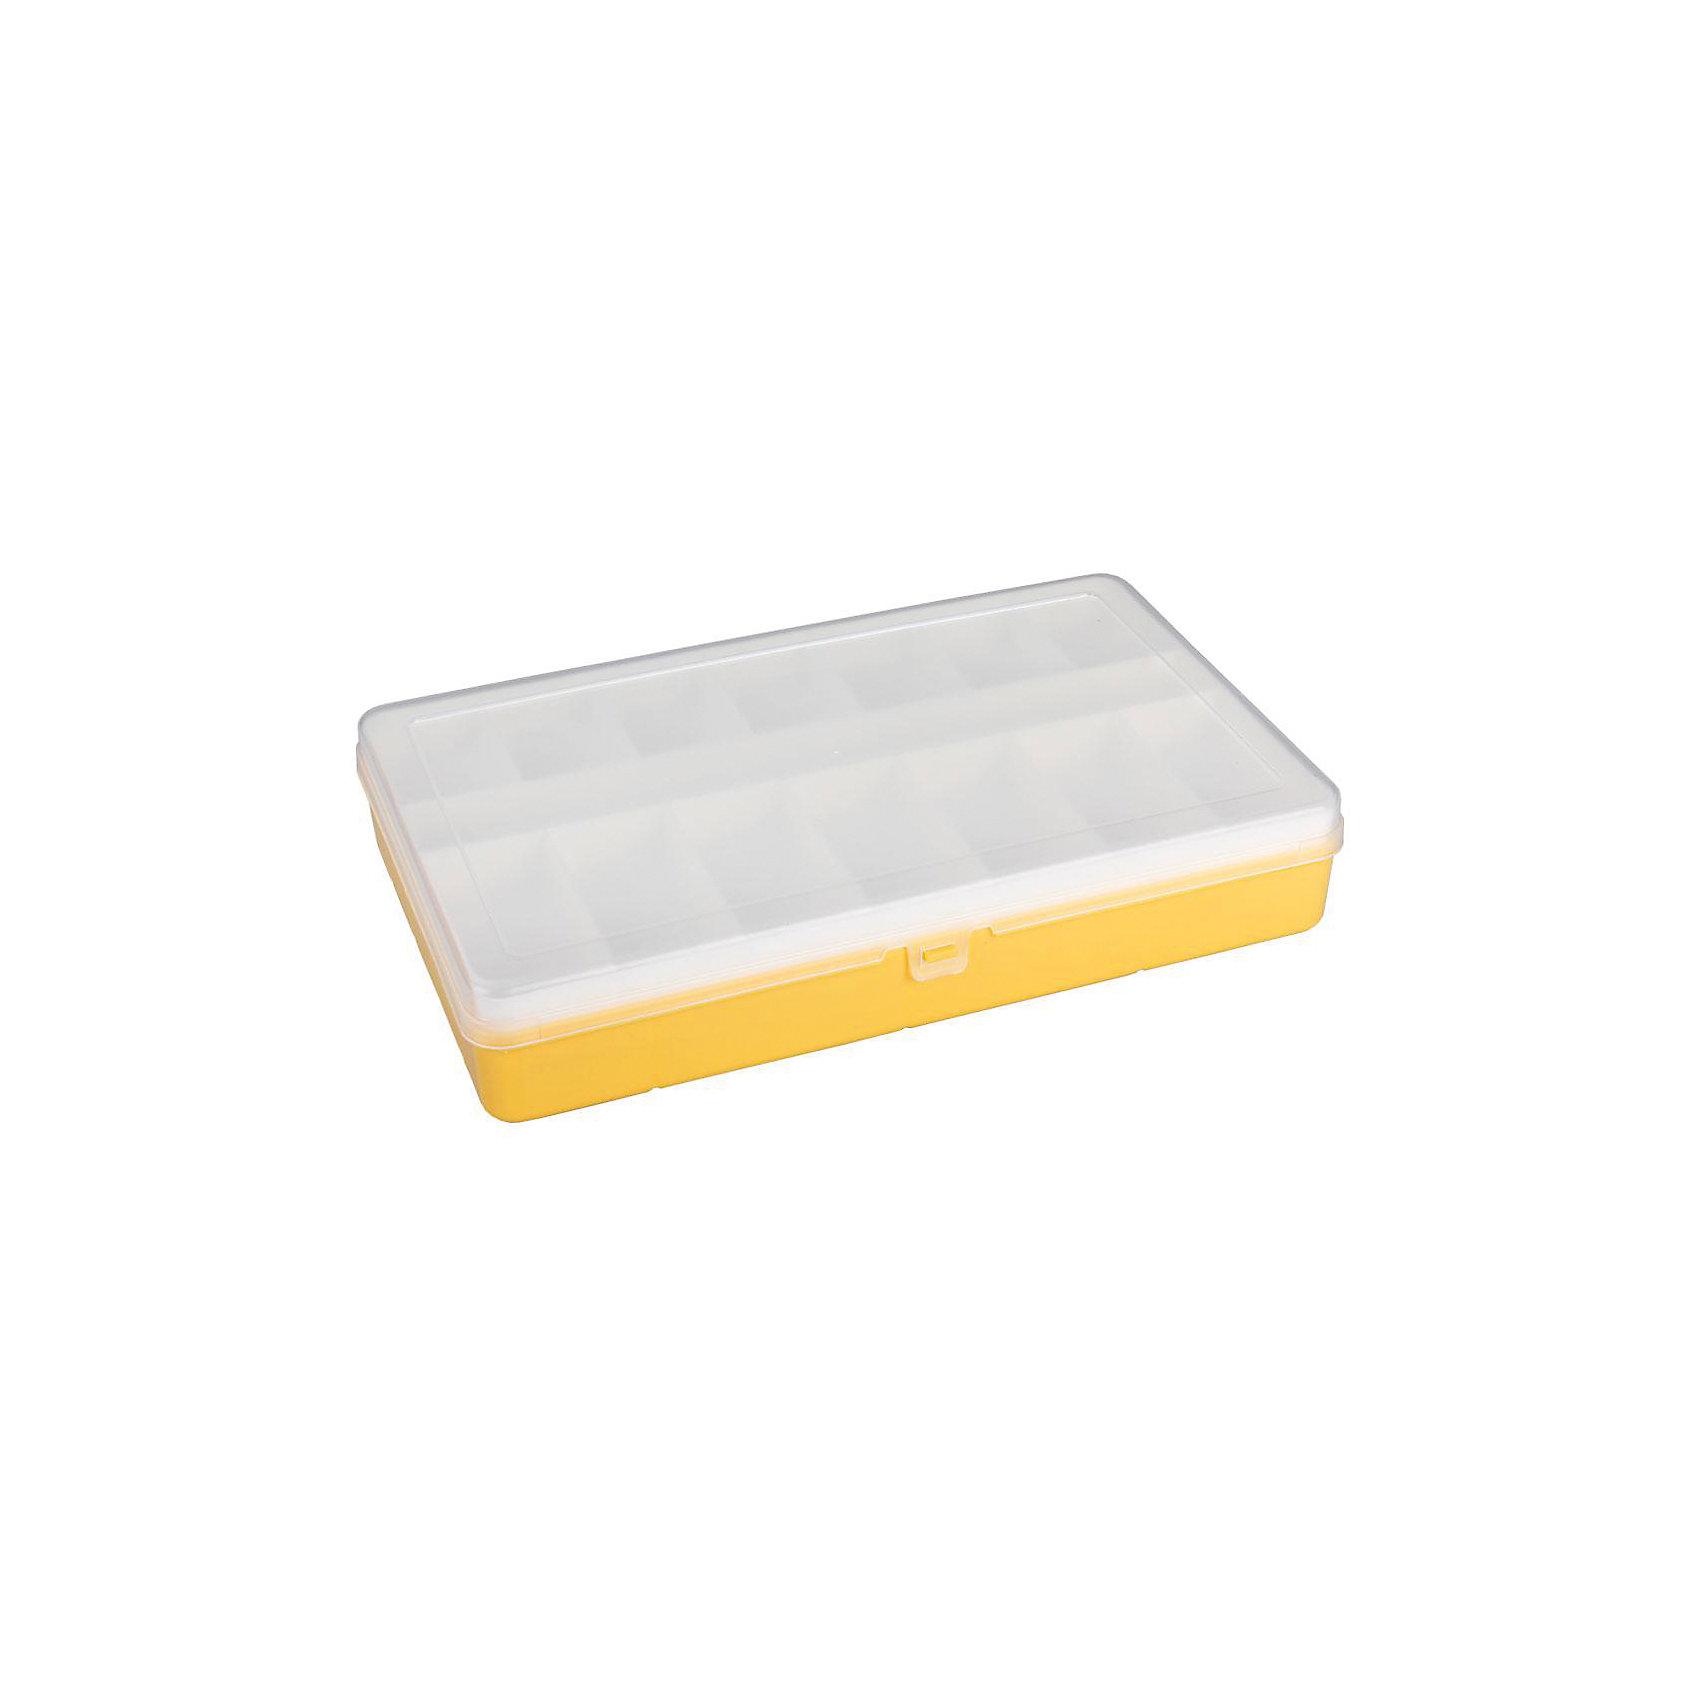 Контейнер для мелочей (290х180), Alternativa, желтыйХарактеристики:<br><br>• Предназначение: для хранения игрушек, для канцелярских принадлежностей или предметов для творчества<br>• Материал: пластик<br>• Цвет: желтый, белый<br>• Размер (Д*Ш*В): 29*18*2,3 см<br>• Форма: прямоугольный<br>• Наличие крышки<br>• Наличие дополнительного вкладыша <br>• Особенности ухода: разрешается мыть теплой водой<br><br>Контейнер для мелочей (290х180), Alternativa, желтый изготовлен отечественным производителем ООО ЗПИ Альтернатива, который специализируется на выпуске широкого спектра изделий из пластика хозяйственного назначения. Контейнер с крышкой выполнен из экологически безопасного пластика, устойчивого к механическим повреждениям, состоит из двух частей, в комплекте имеется дополнительный вкладыш с ячейками разного размера. Контейнер для мелочей (290х180), Alternativa, желтый станет незаменимым помощником в домашнем хозяйстве, в нем удобно хранить предметы для шитья, бисер, бусины, также он подойдет для хранения мелких деталей от детских конструкторов.<br><br>Контейнер для мелочей (290х180), Alternativa, желтый можно купить в нашем интернет-магазине.<br><br>Ширина мм: 291<br>Глубина мм: 182<br>Высота мм: 53<br>Вес г: 390<br>Возраст от месяцев: 6<br>Возраст до месяцев: 84<br>Пол: Унисекс<br>Возраст: Детский<br>SKU: 5096588